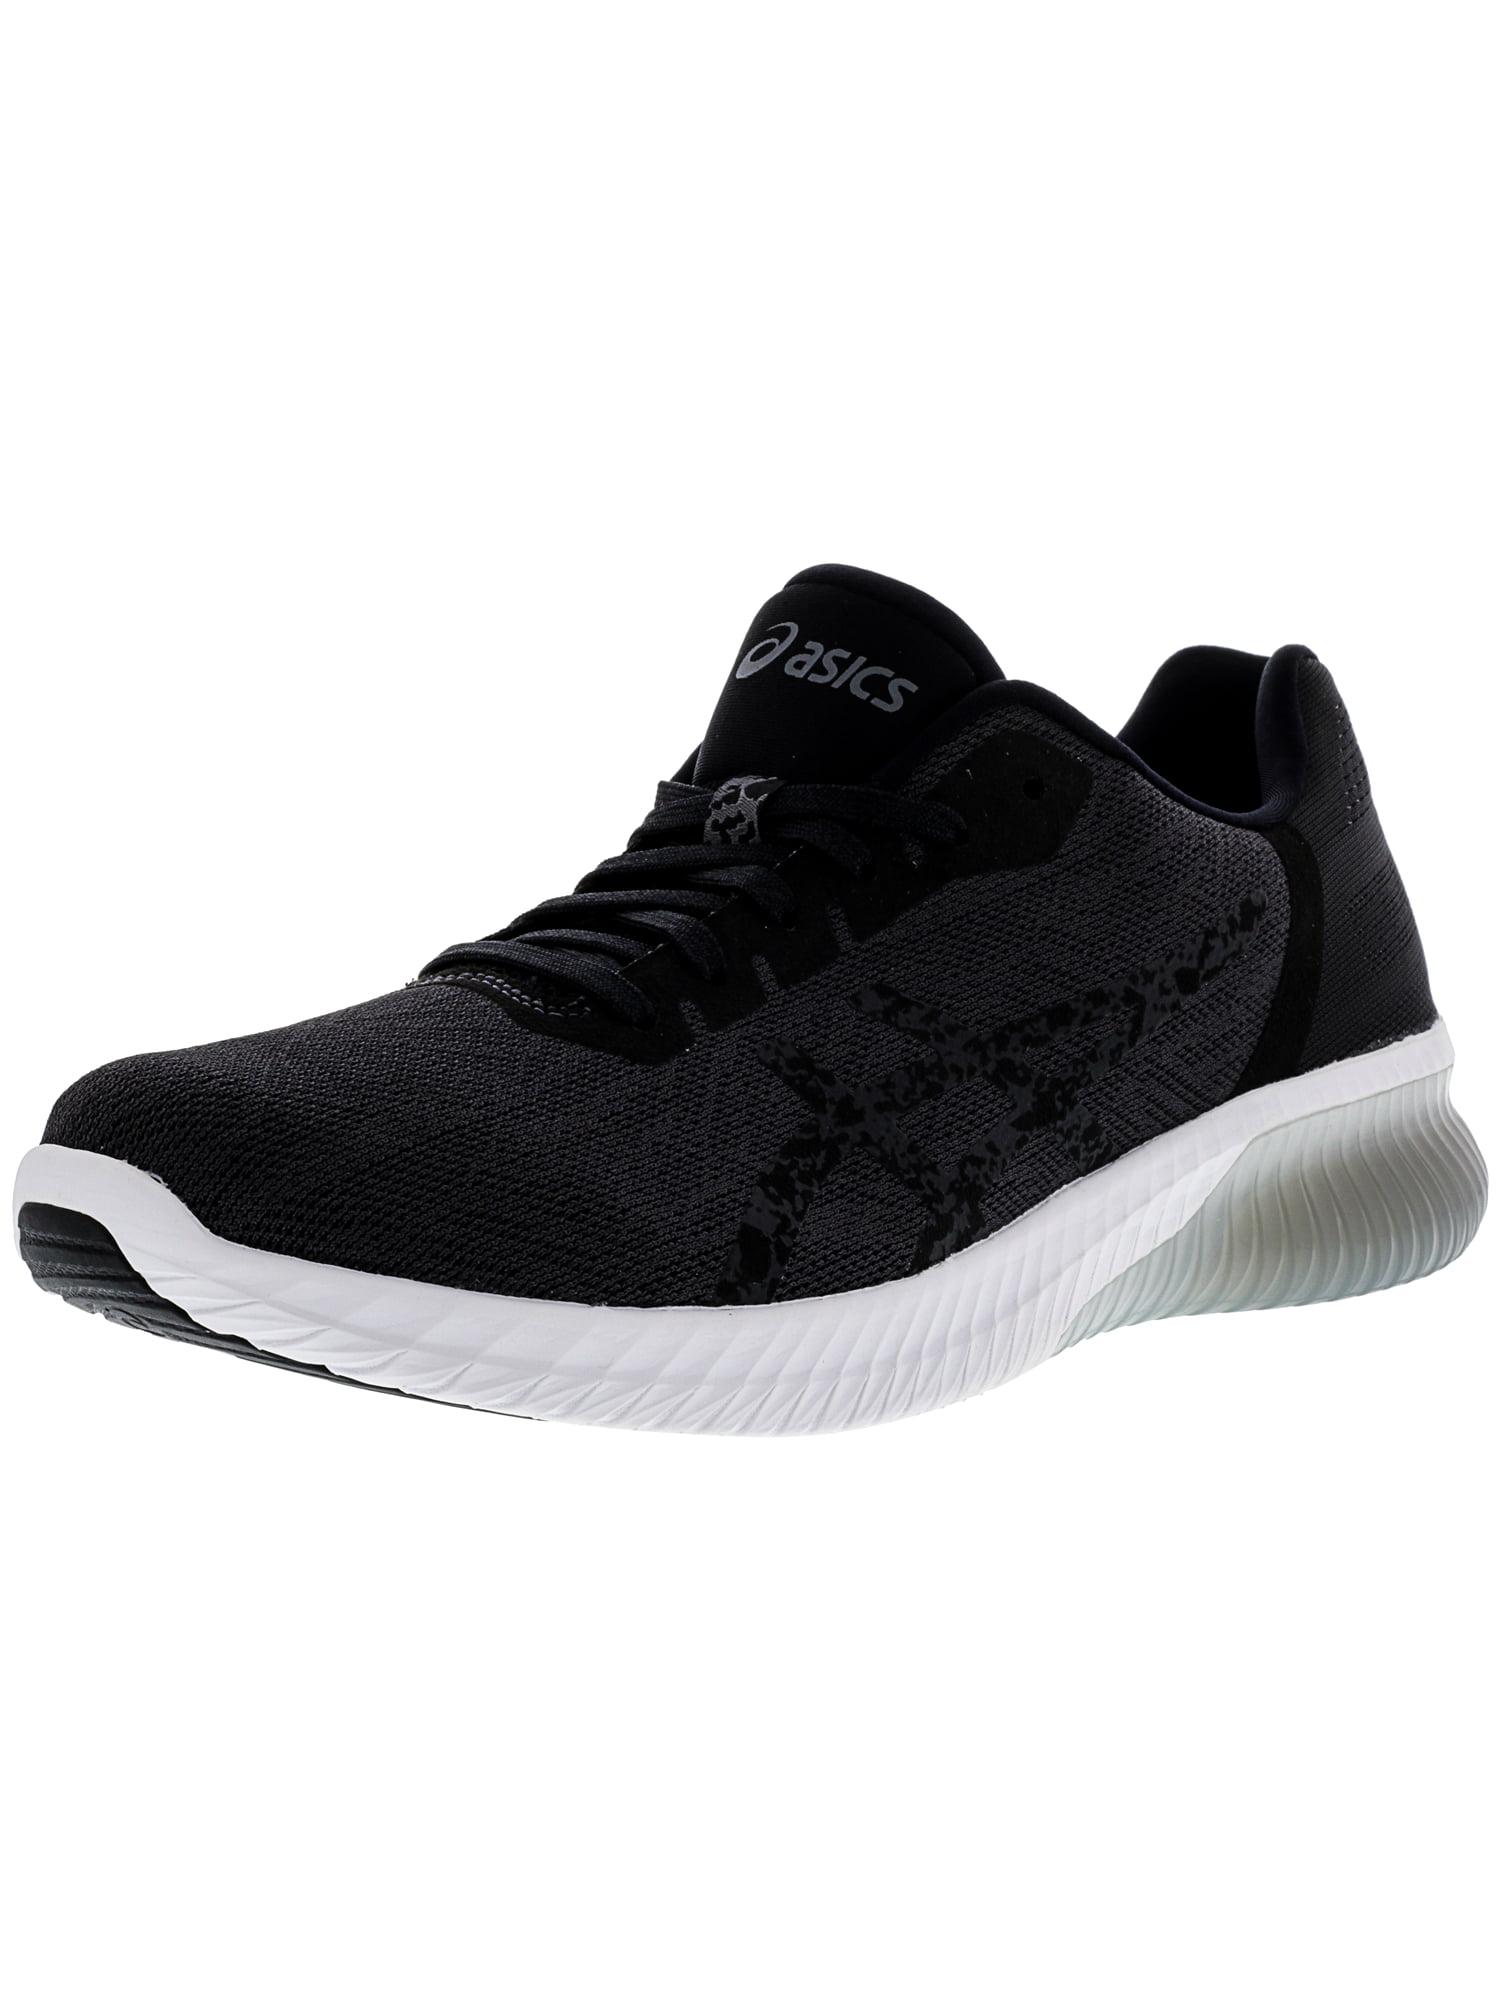 Asics Women's Gel-Kenun Phantom / Black White Ankle-High Running Shoe - 9.5M